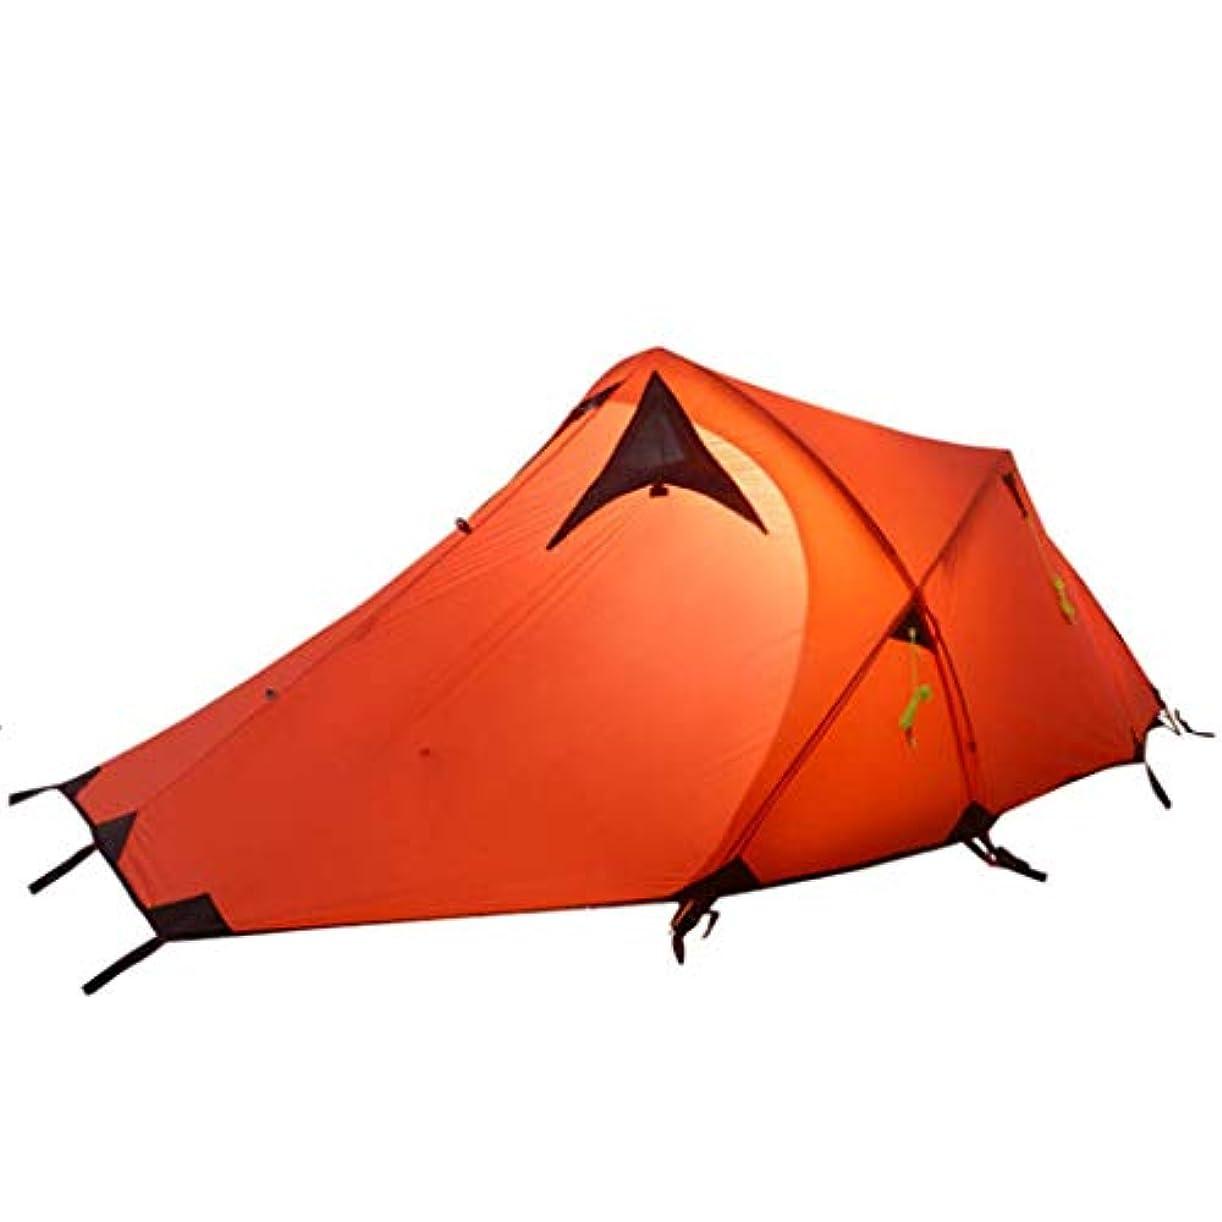 告発者不定落花生バックパックテント1 2人軽量登山二重層テントアルミロッド付き屋外用ファミリービーチ狩猟ハイキング3-4シーズン